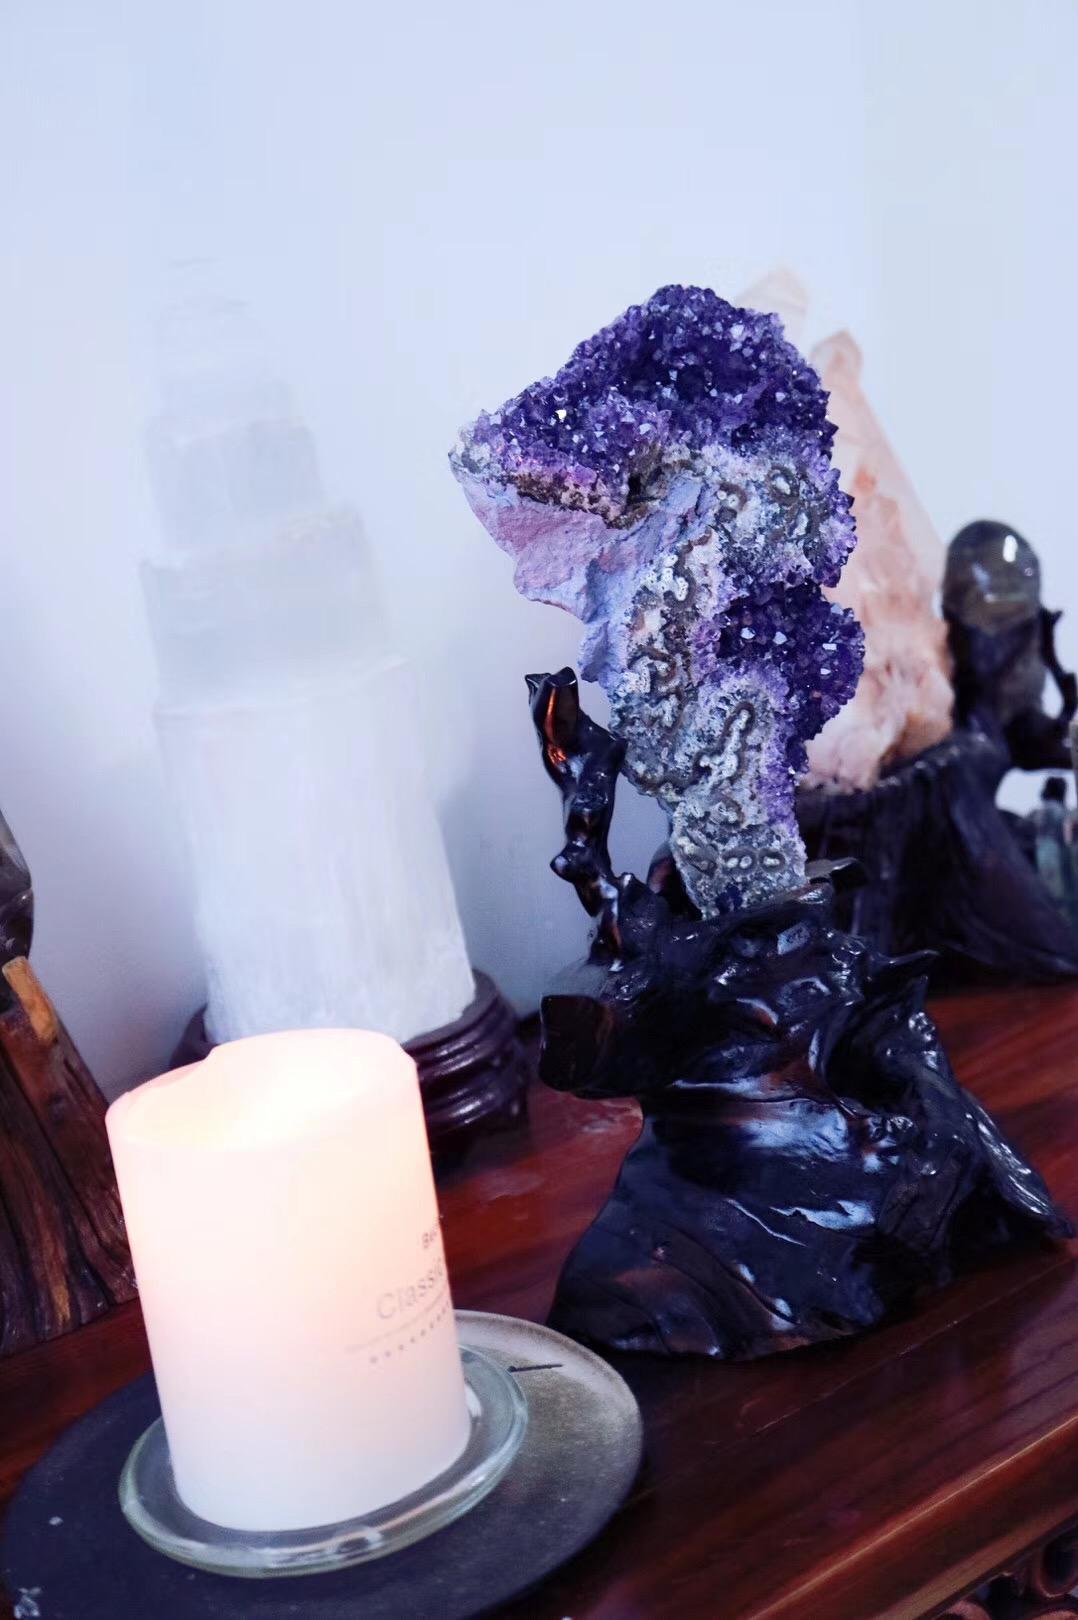 【紫晶簇   如意】浑然天成的如意形状紫晶簇非常罕见稀有-菩心晶舍